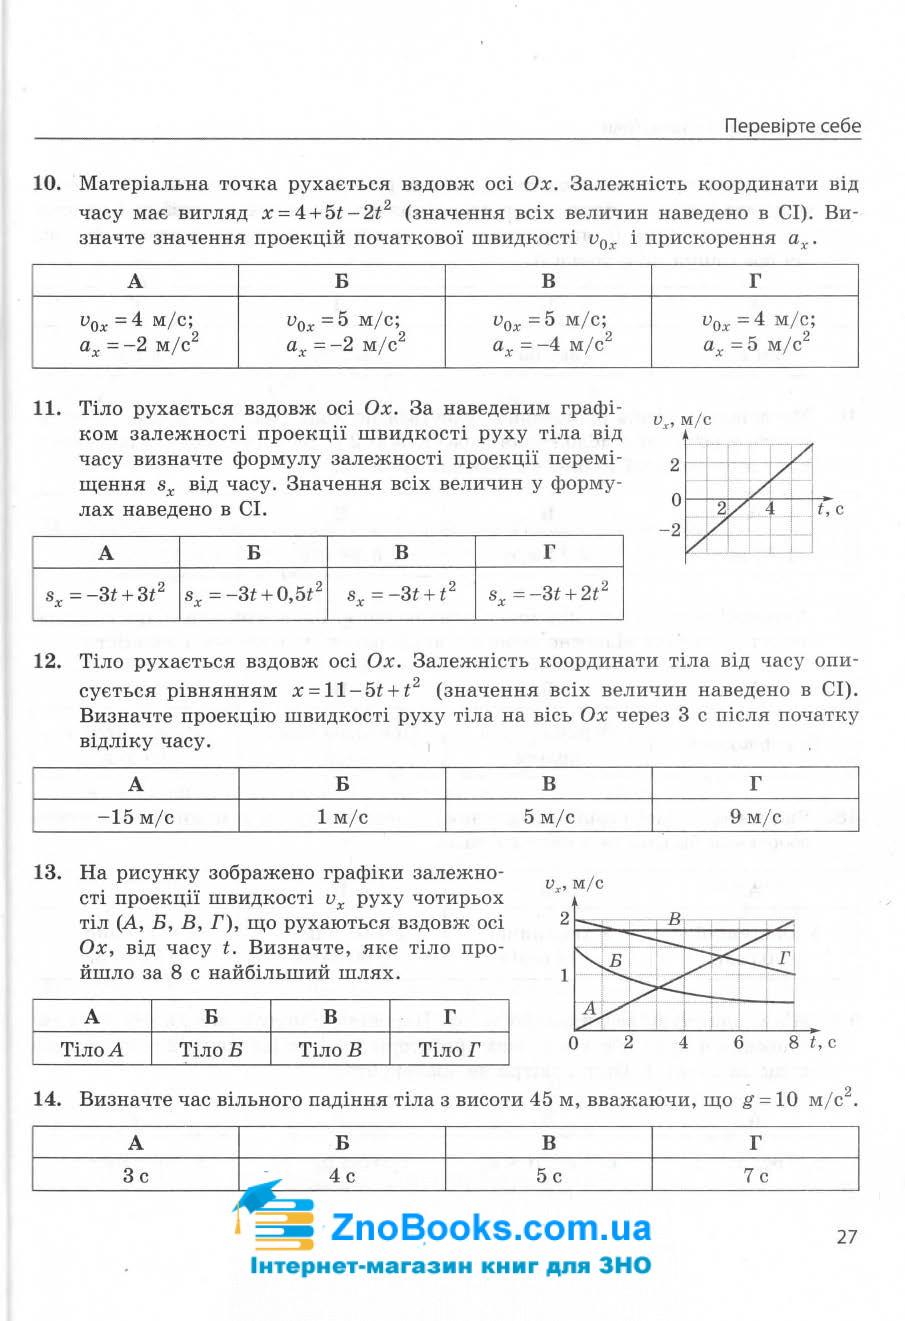 ЗНО 2022 фізика в тестах. Енциклопедія тестових завдань : Гельфгат І. Ранок. купити 10